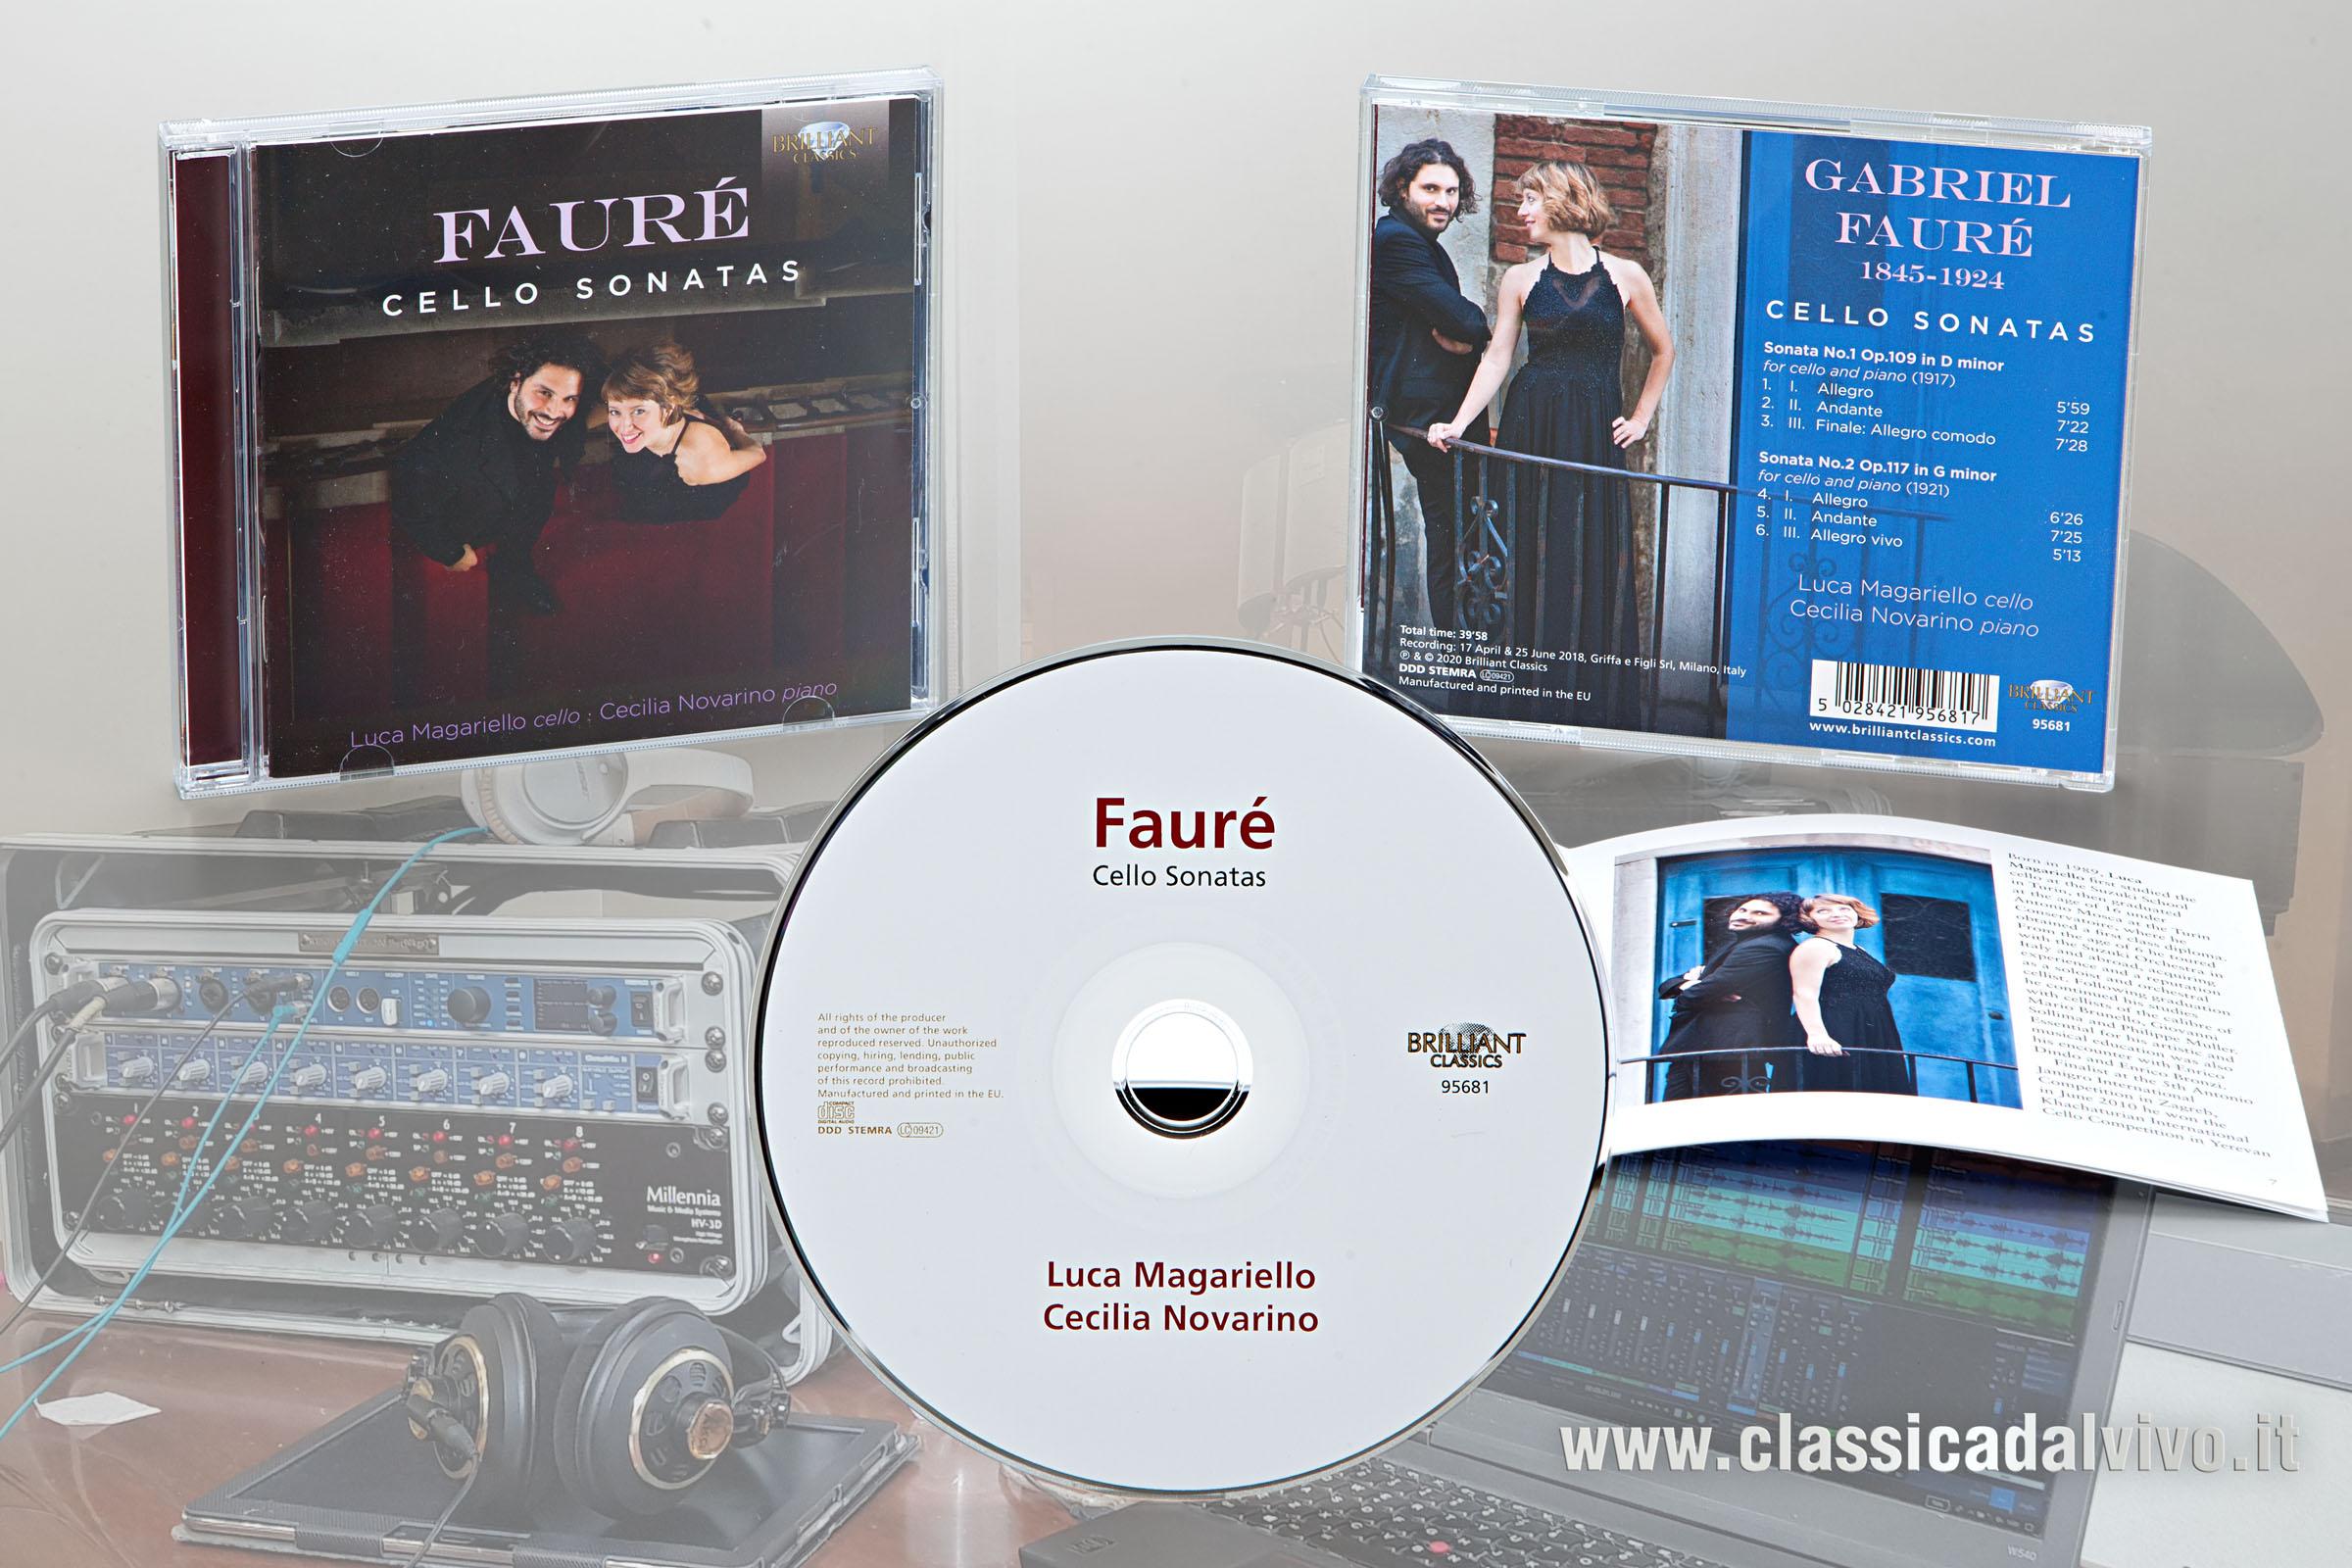 Brilliant Luca Magariello Cecilia Novarino Faure Cello Sonatas